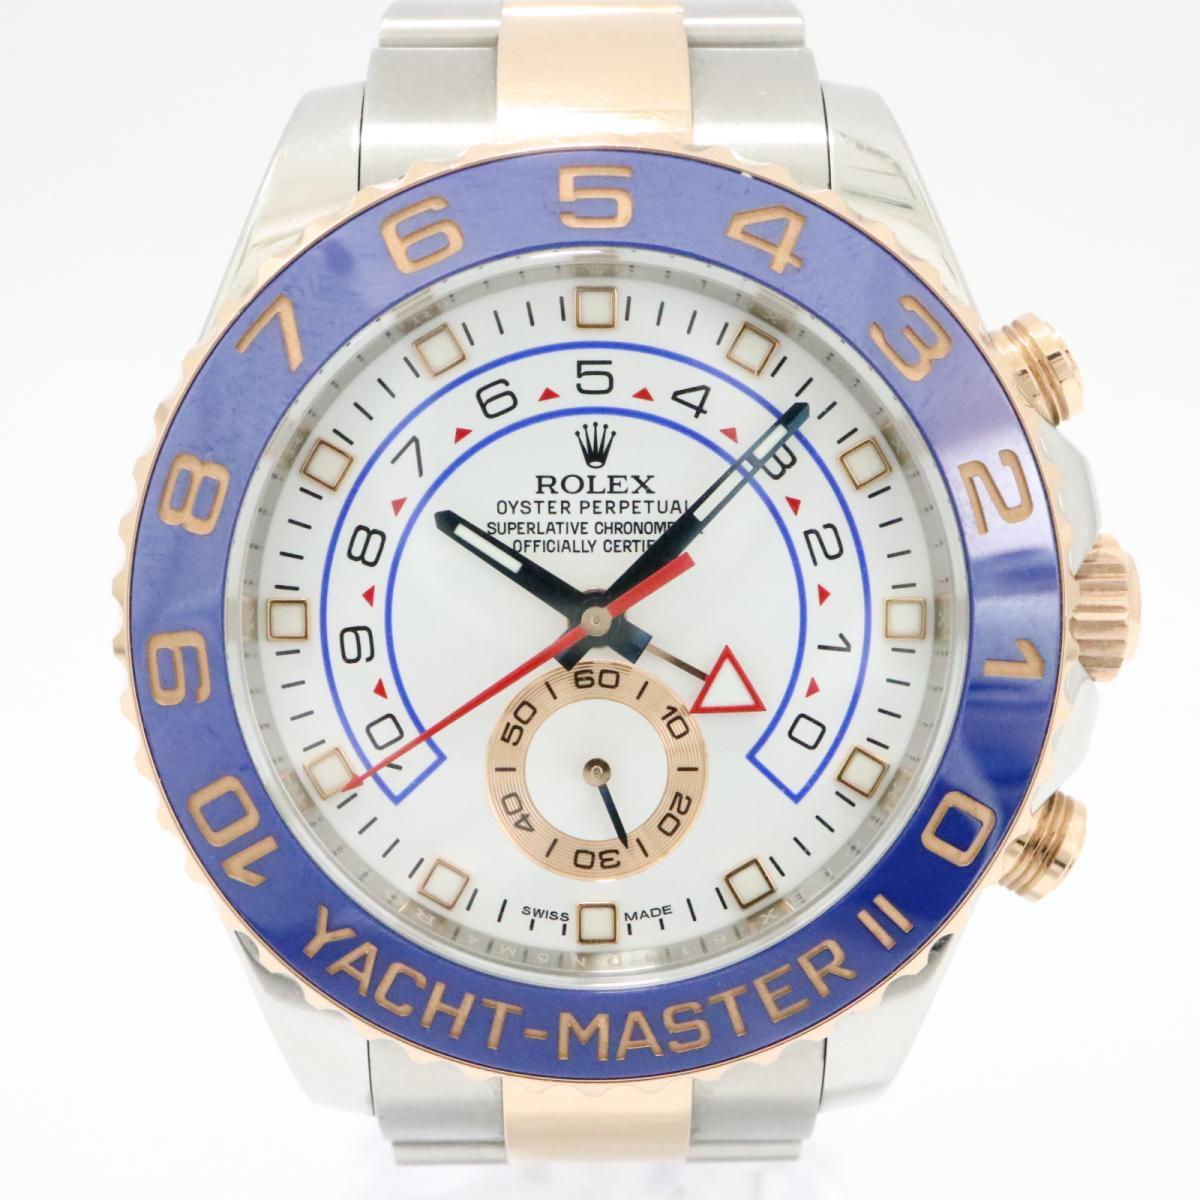 【中古】 ロレックス ヨットマスター2 腕時計 メンズ ステンレススチール (SS) x ピンクゴールド ホワイト (116681) | ROLEX オートマチック 時計 自動巻き ヨットマスター 美品 ブランドオフ